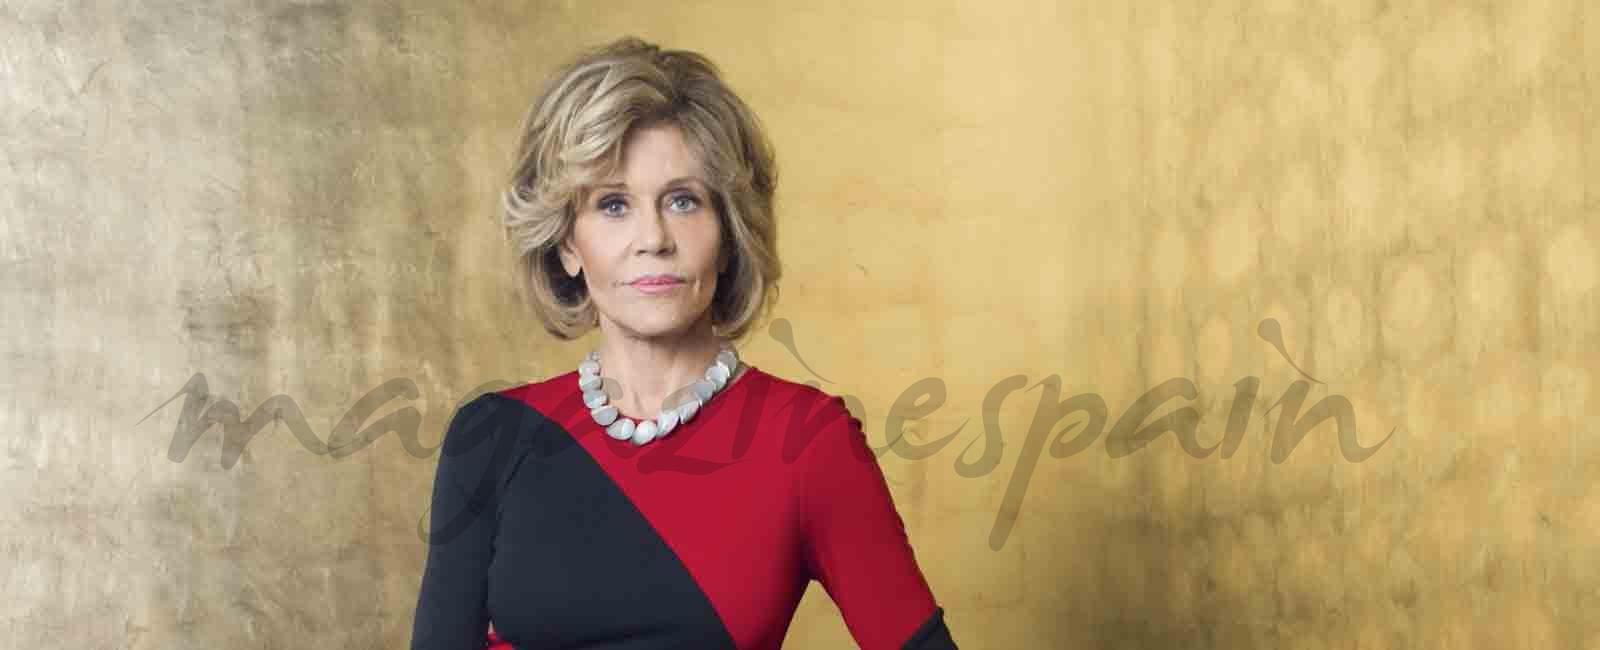 Así eran, Así son: Jane Fonda 2007-2016